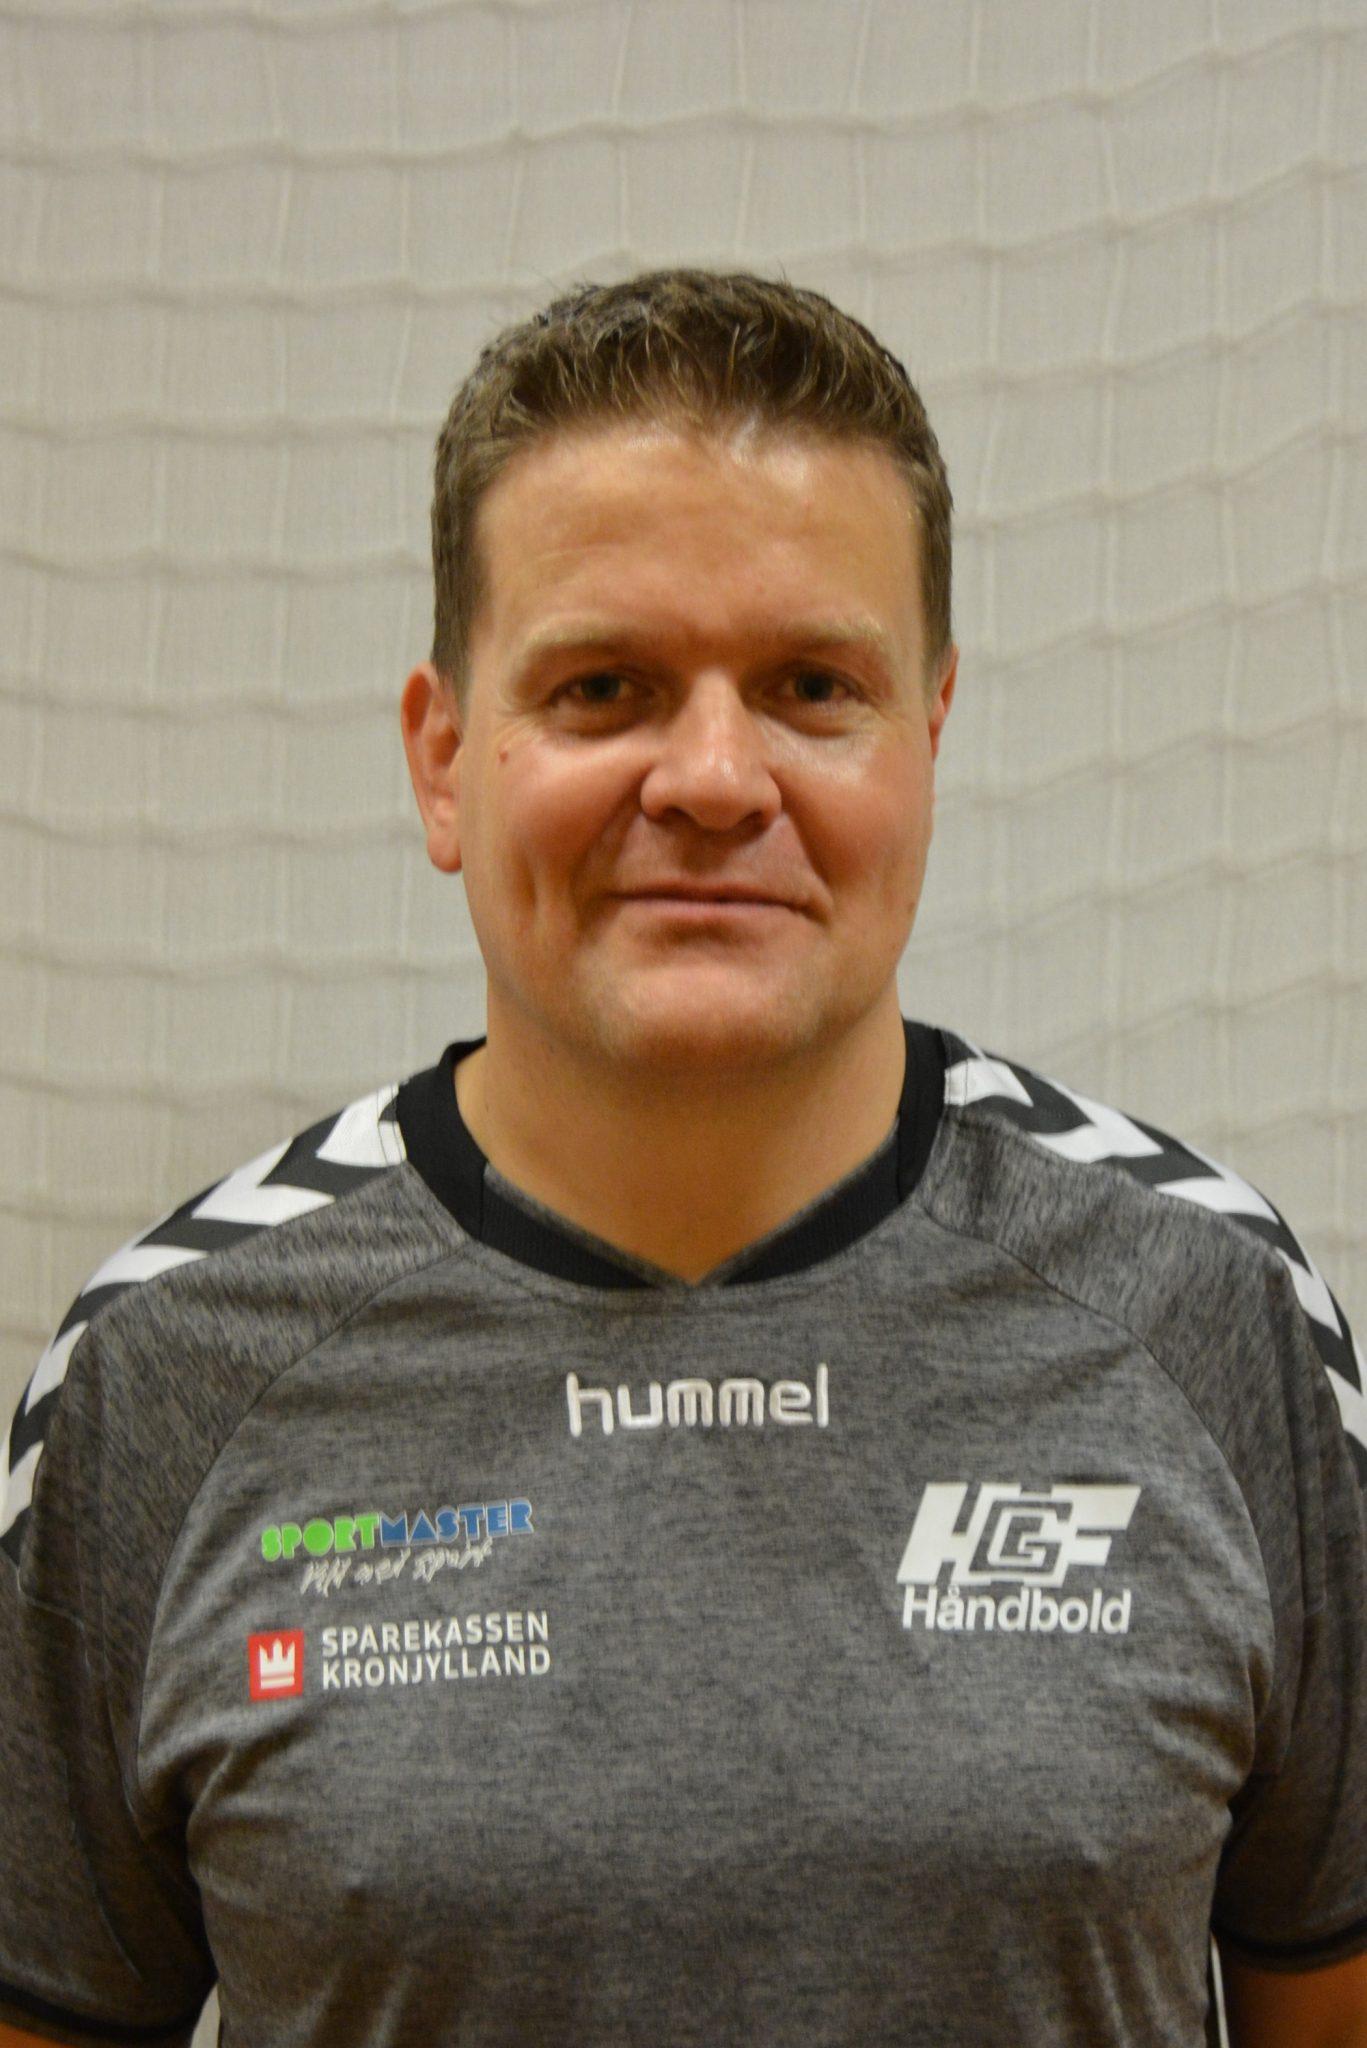 Lars Kloster